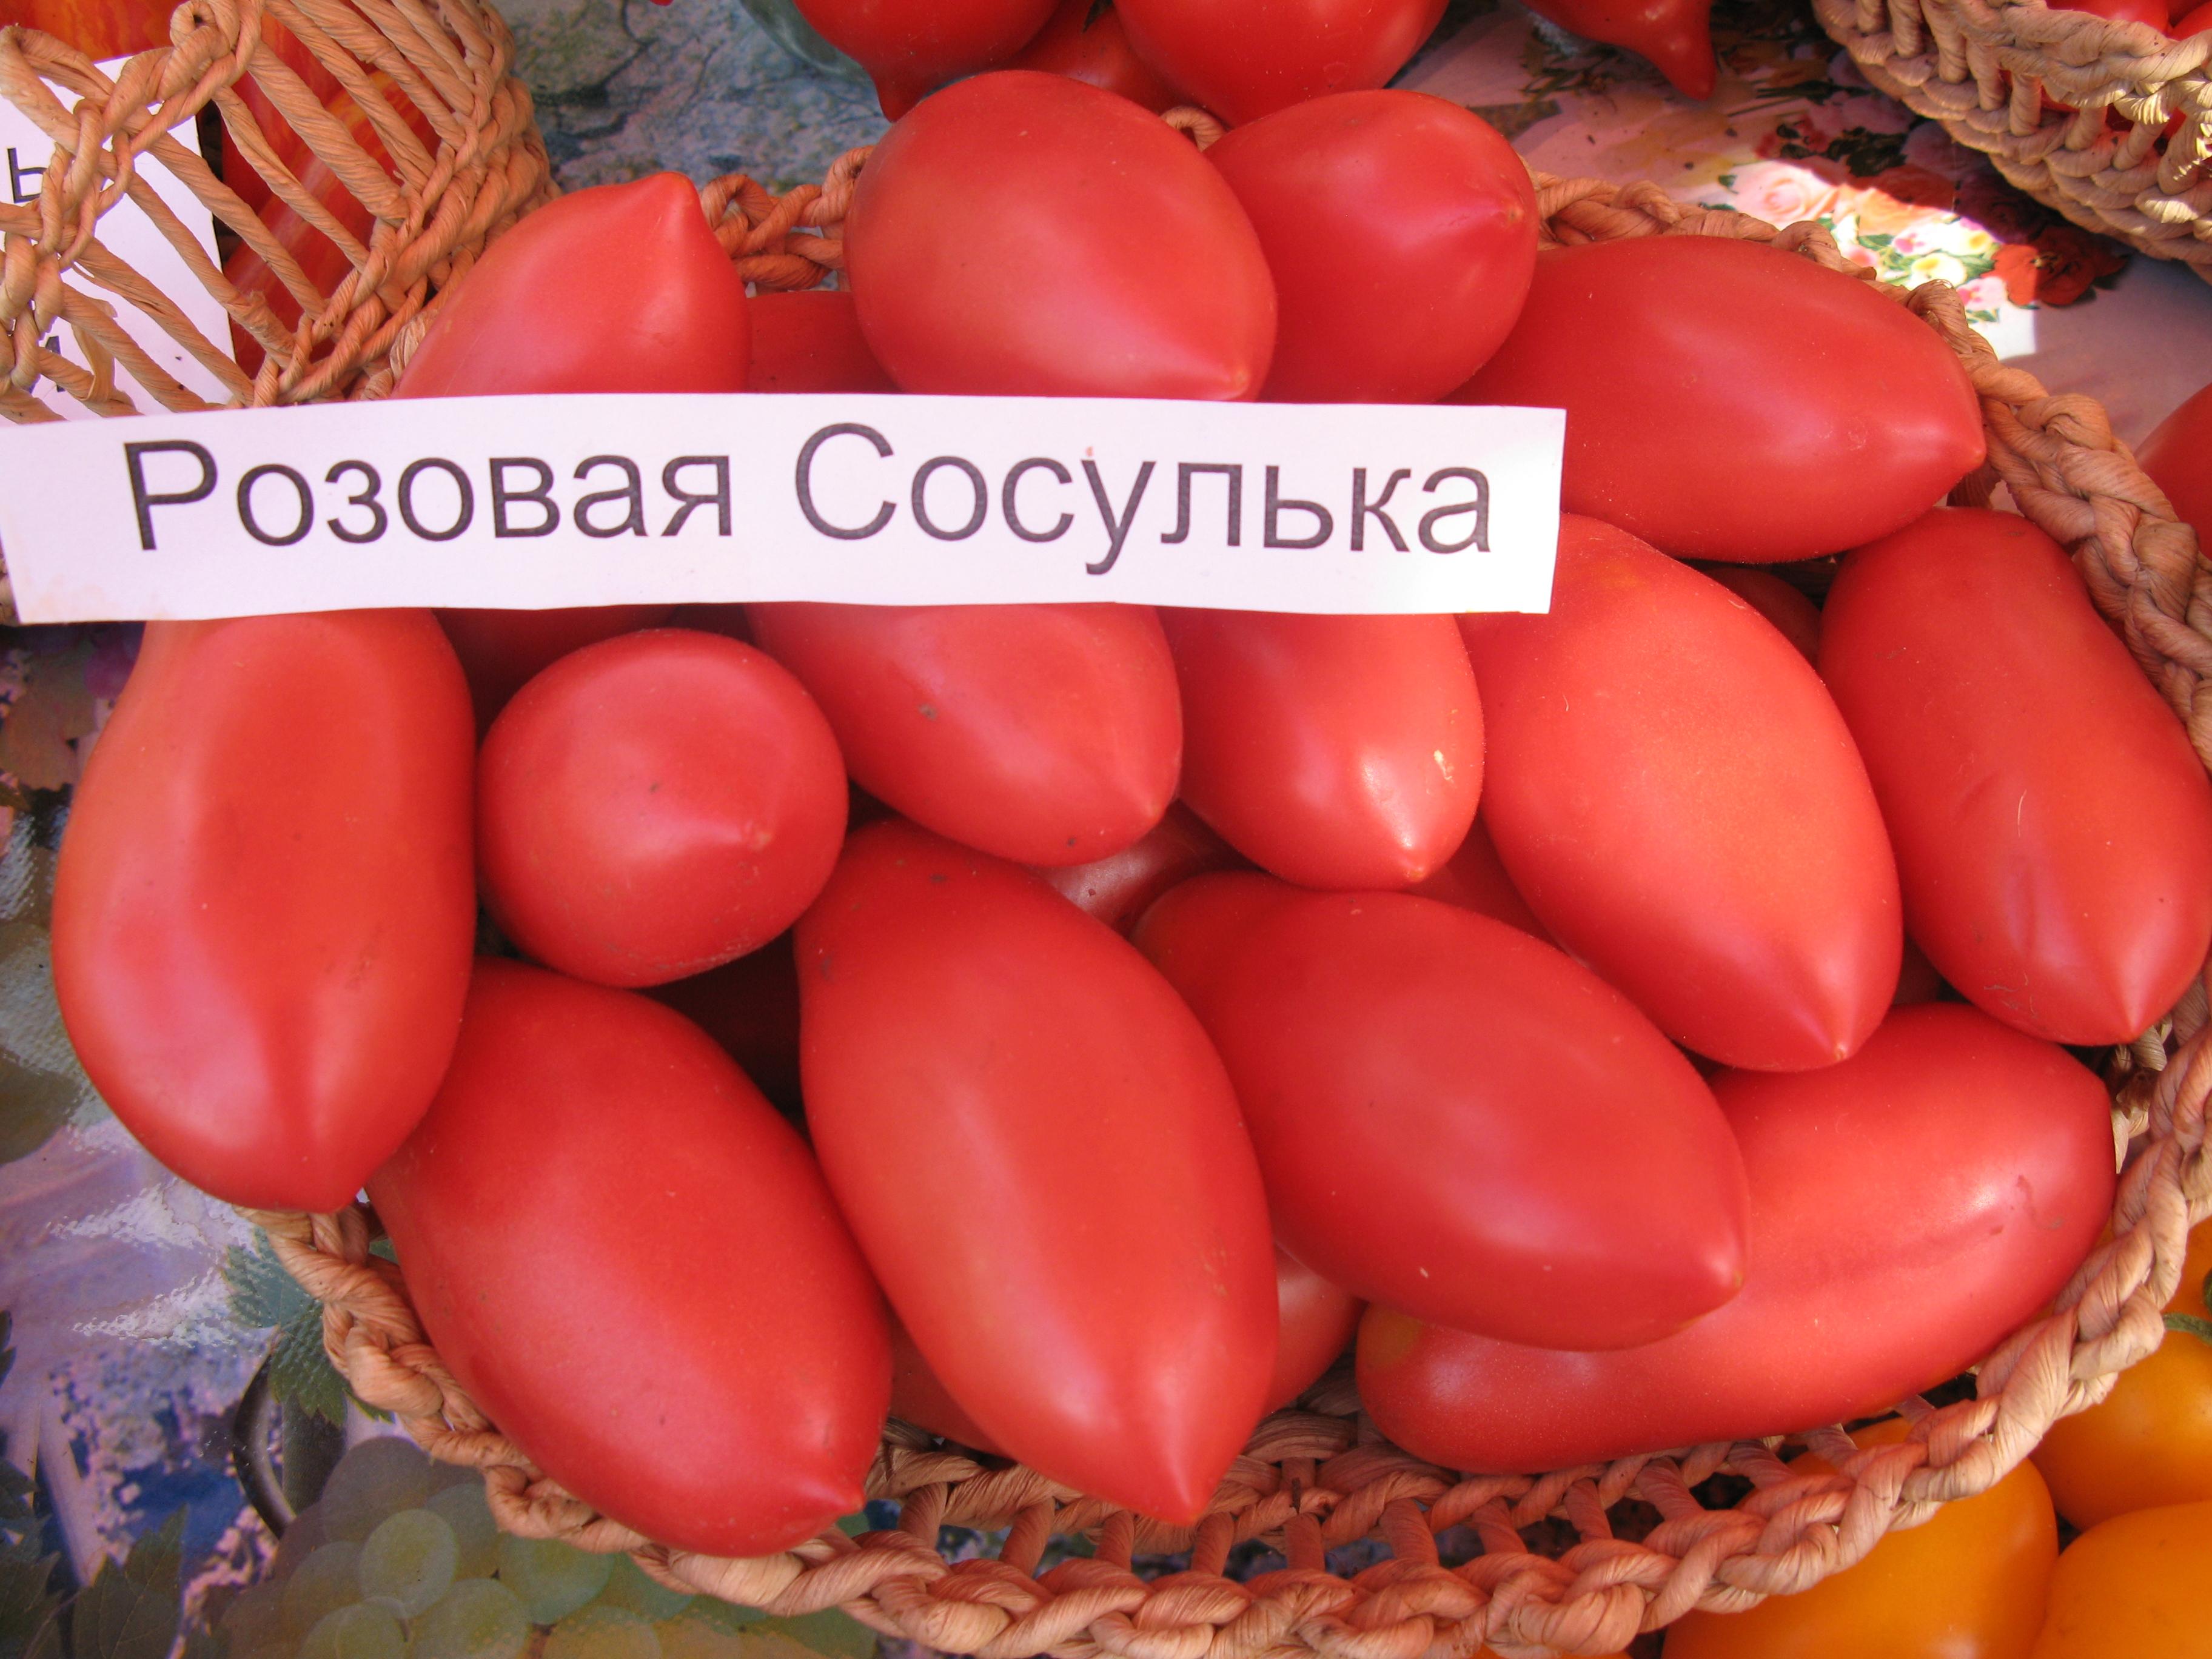 томат сосулька розовая отзывы фото